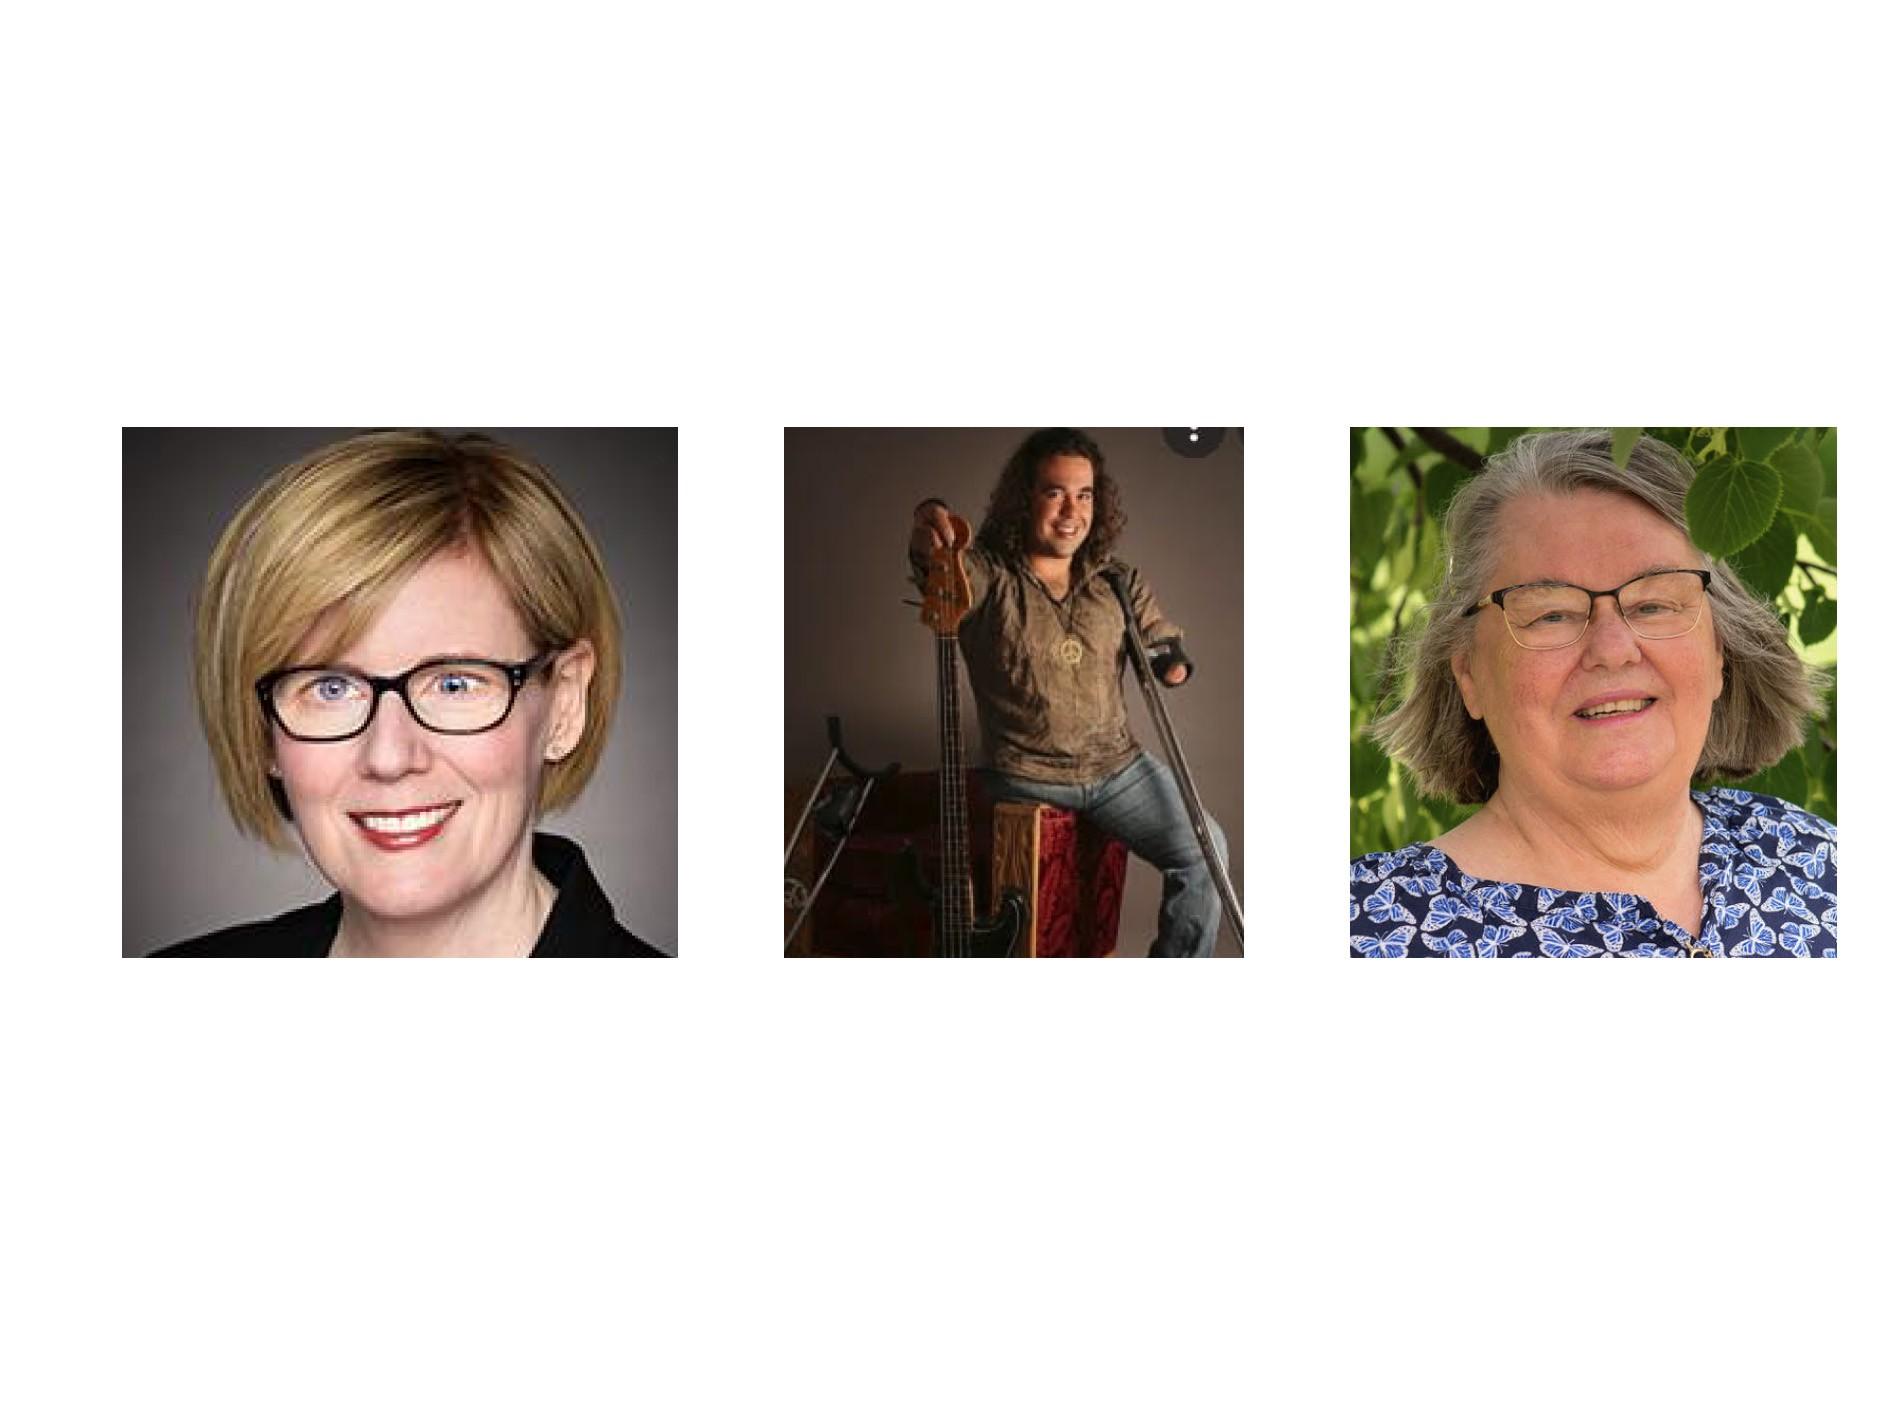 Carla Qualtrough, Martin Deschamps and Jayne Melville Whyte